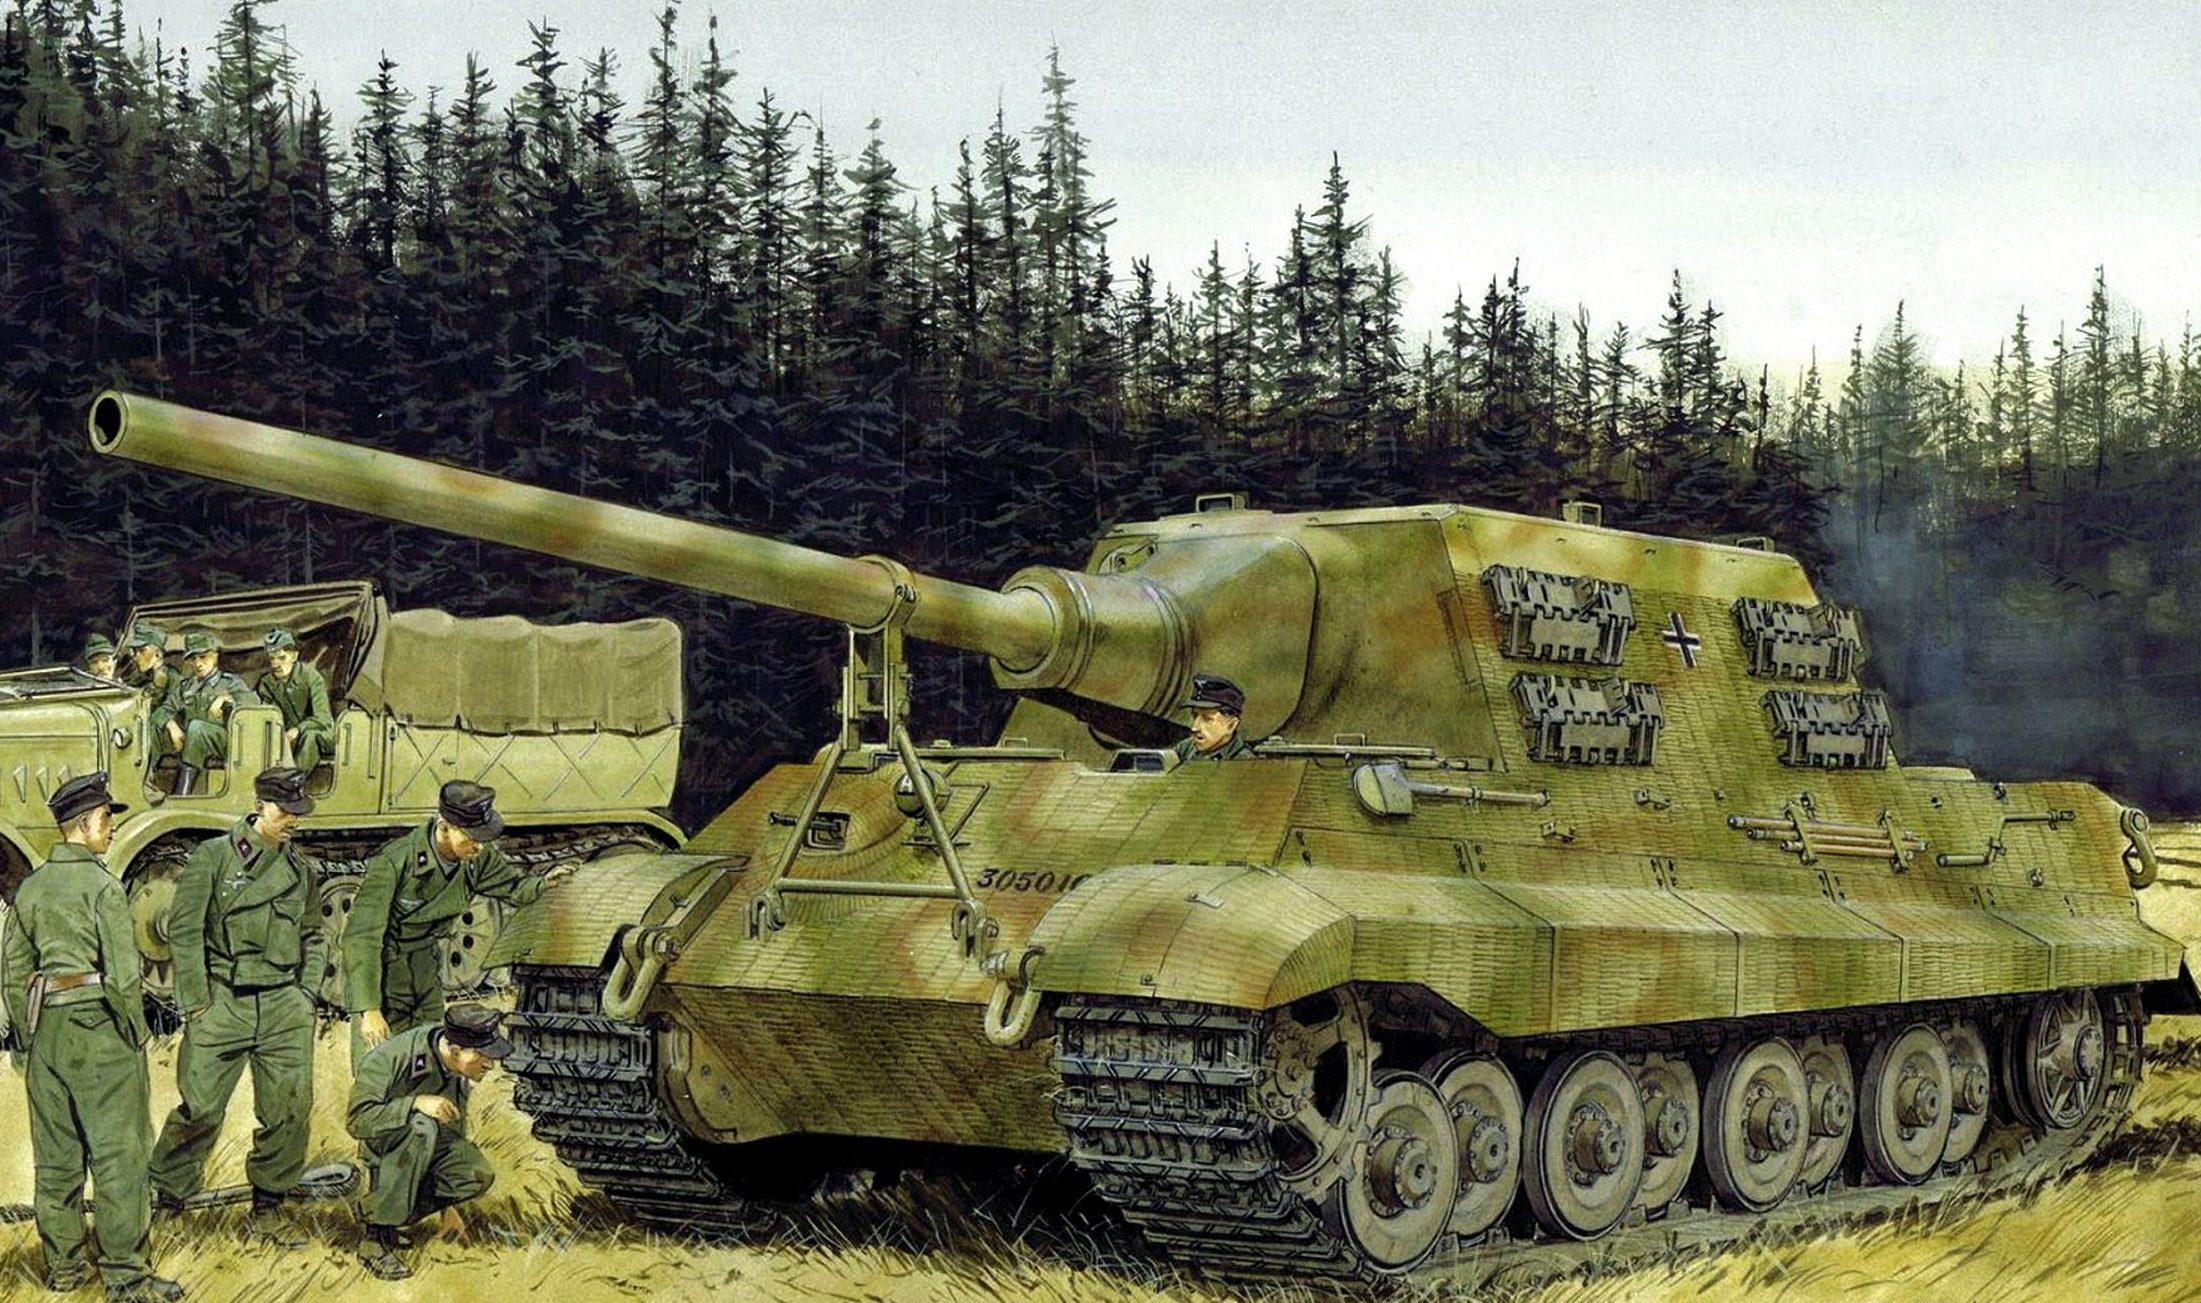 Volstad Ronald. САУ Sd. Kfz. 186 Jagdtiger.